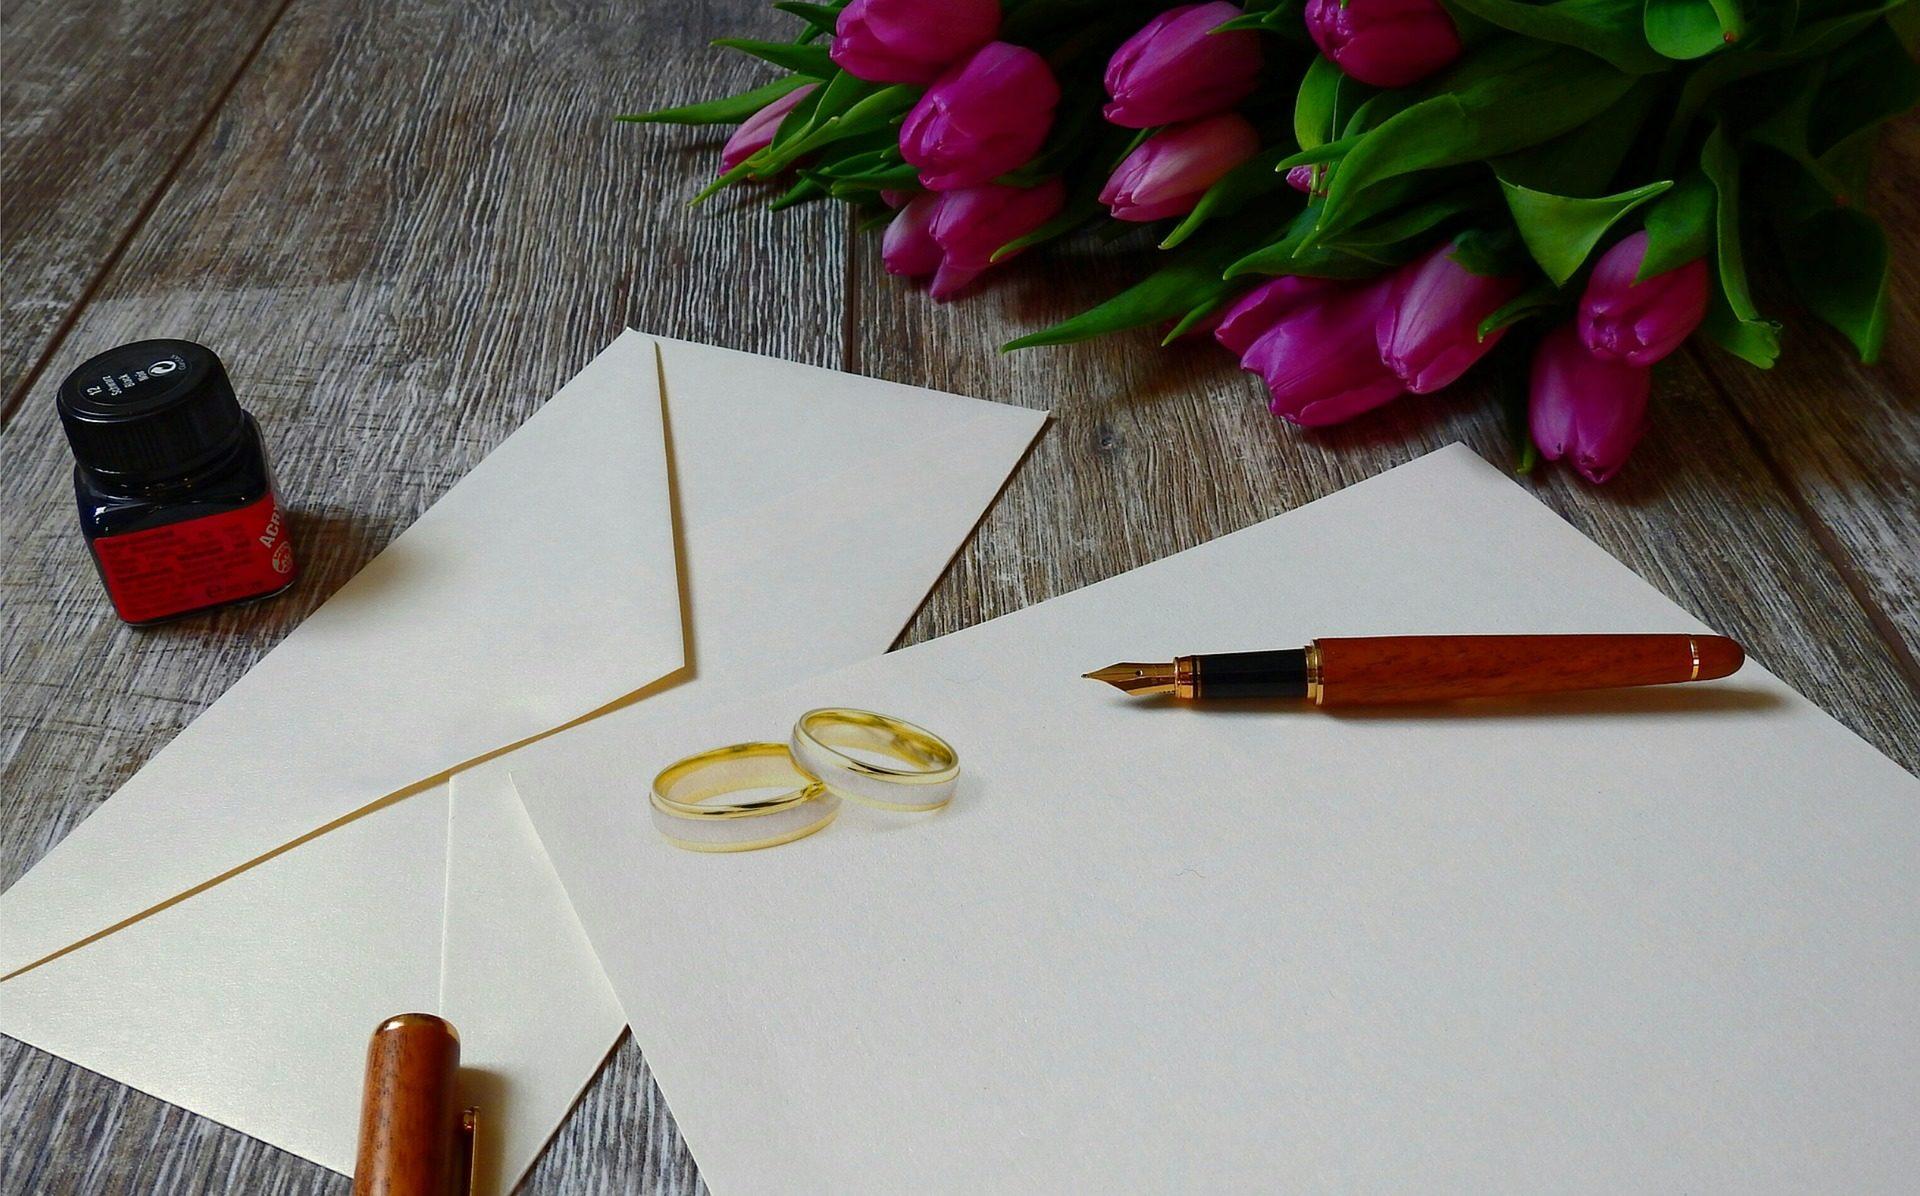 Pourquoi faire une liste de mariage?